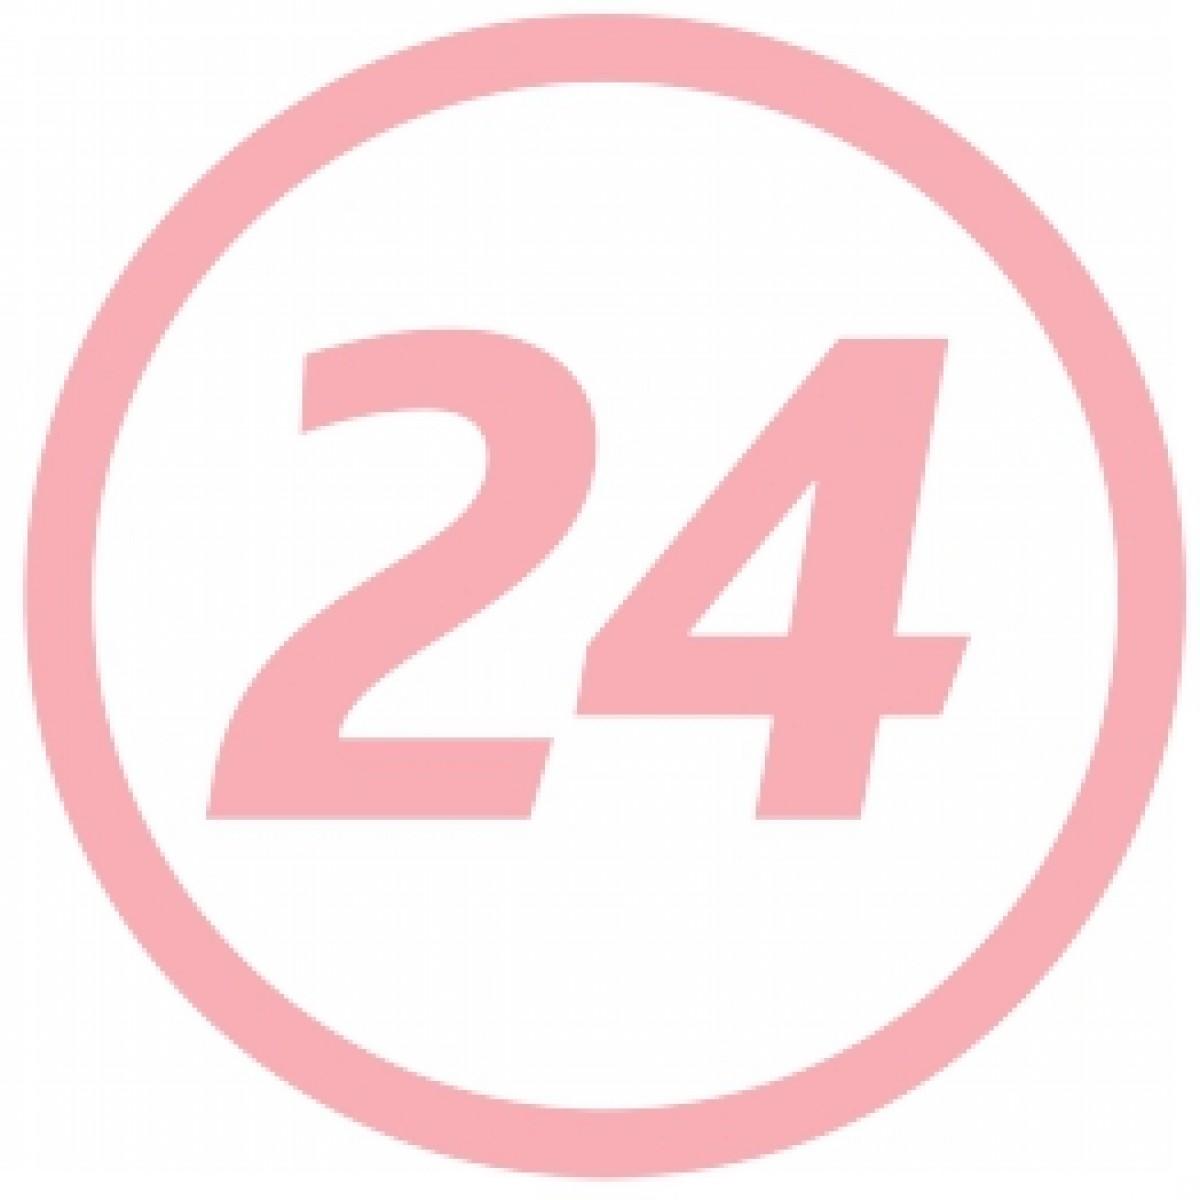 Elmiplant Skin Moisture Crema Hidratanta De Zi Pentru Ten Normal/Mixt, Crema, 50ml